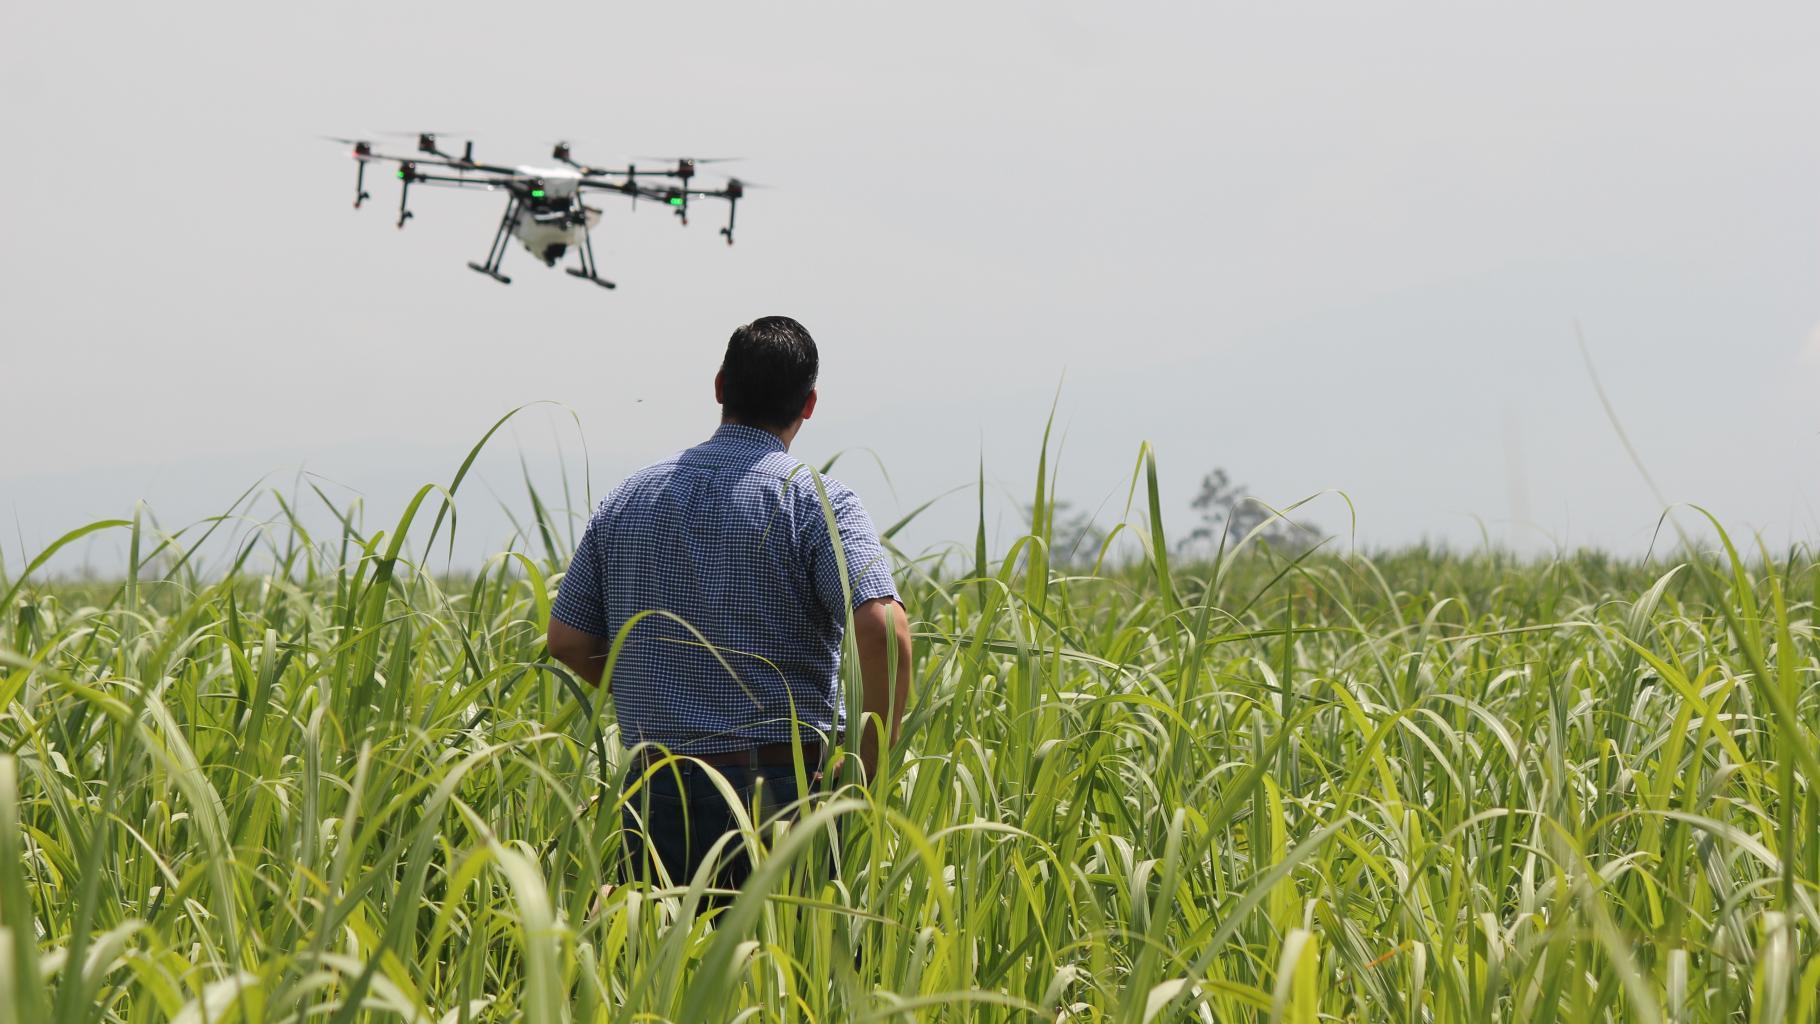 Ein Mann beobachtet eine Drohne, die über einem Feld fliegt.